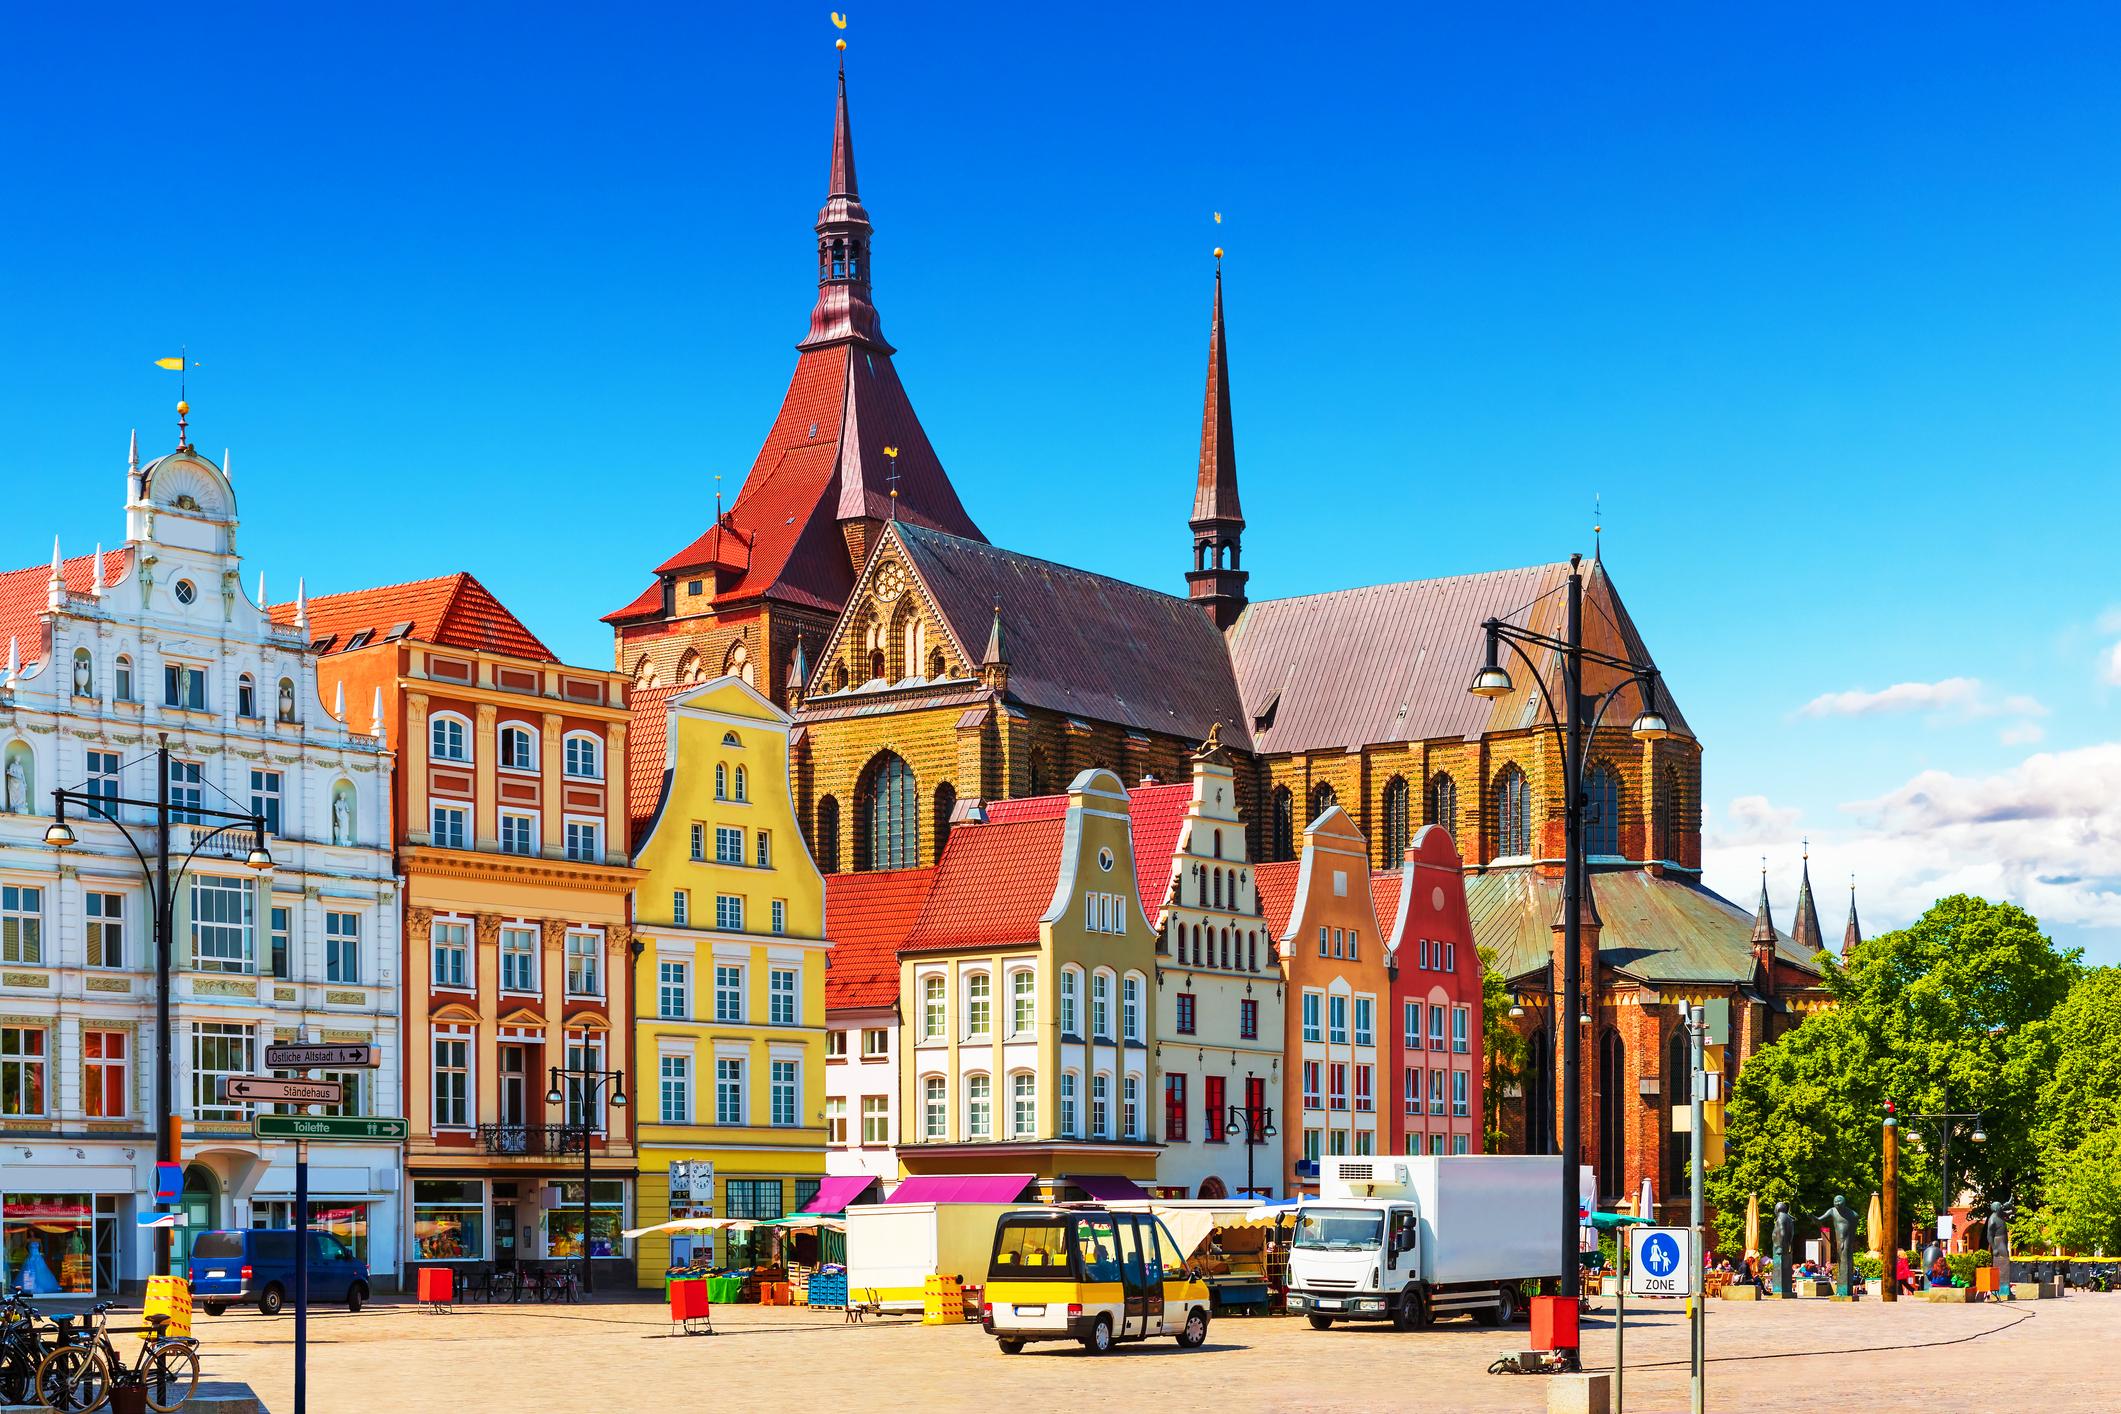 """Росток<br /> В силните години на Ханзата Росток е бил един от най-важните разпределителни центрове на Балтийско море. В наши дни всяко лято в града се провежда празникът """"Hanse Sail"""". Специално за него в пристанището на Росток котва пускат до 250 платноходи и кораби-музеи, които могат да бъдат посетени от жителите и гостите на града."""